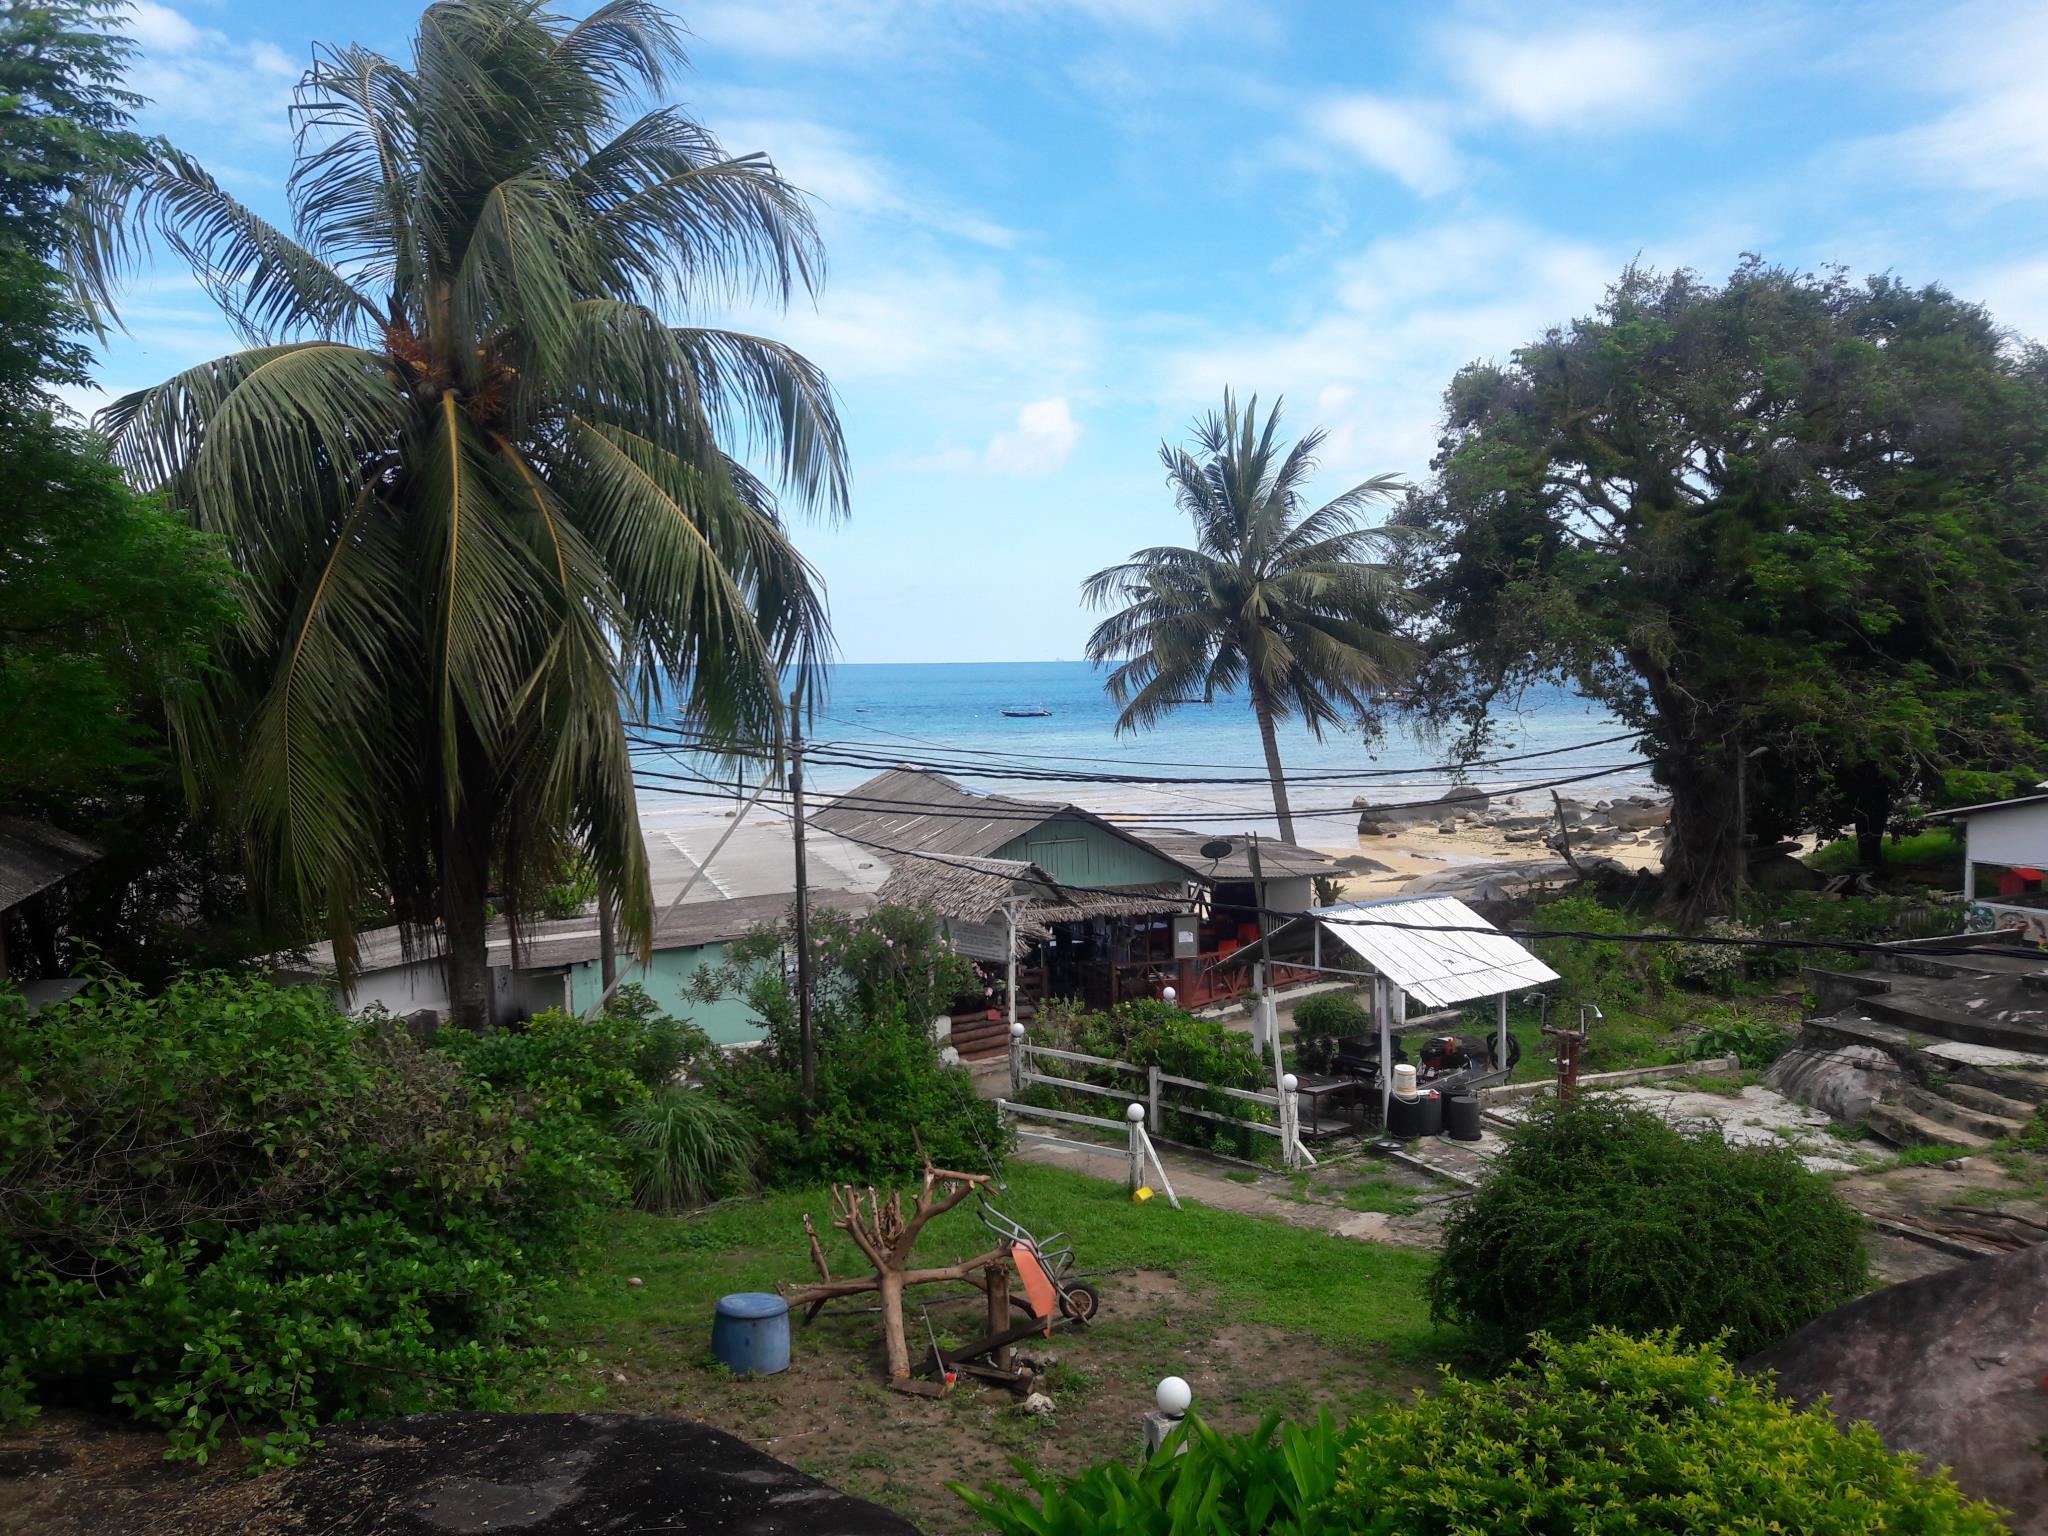 Marina Bay Resort & Restaurant, Mersing